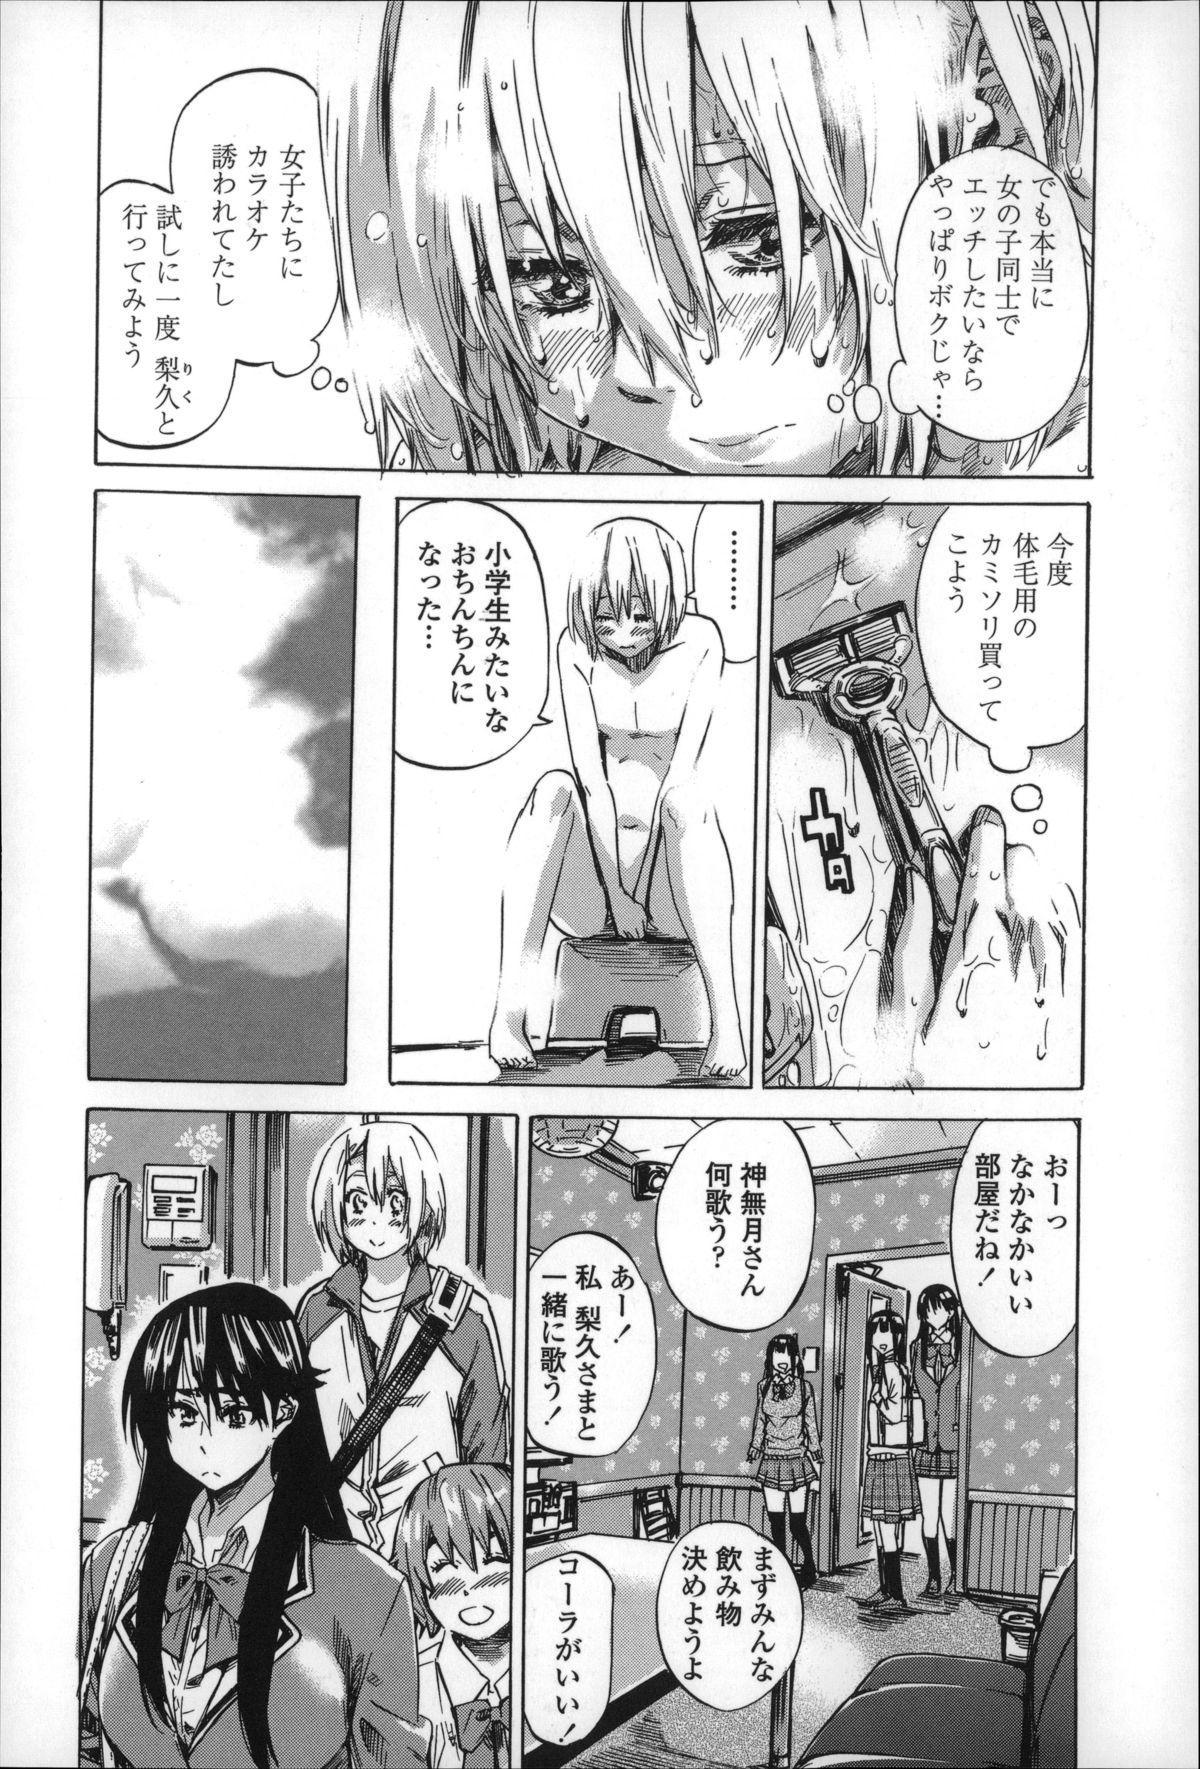 Choushin de Mukuchi no Kanojo ga Hatsujou Shite Kitara Eroiyo ne? 49